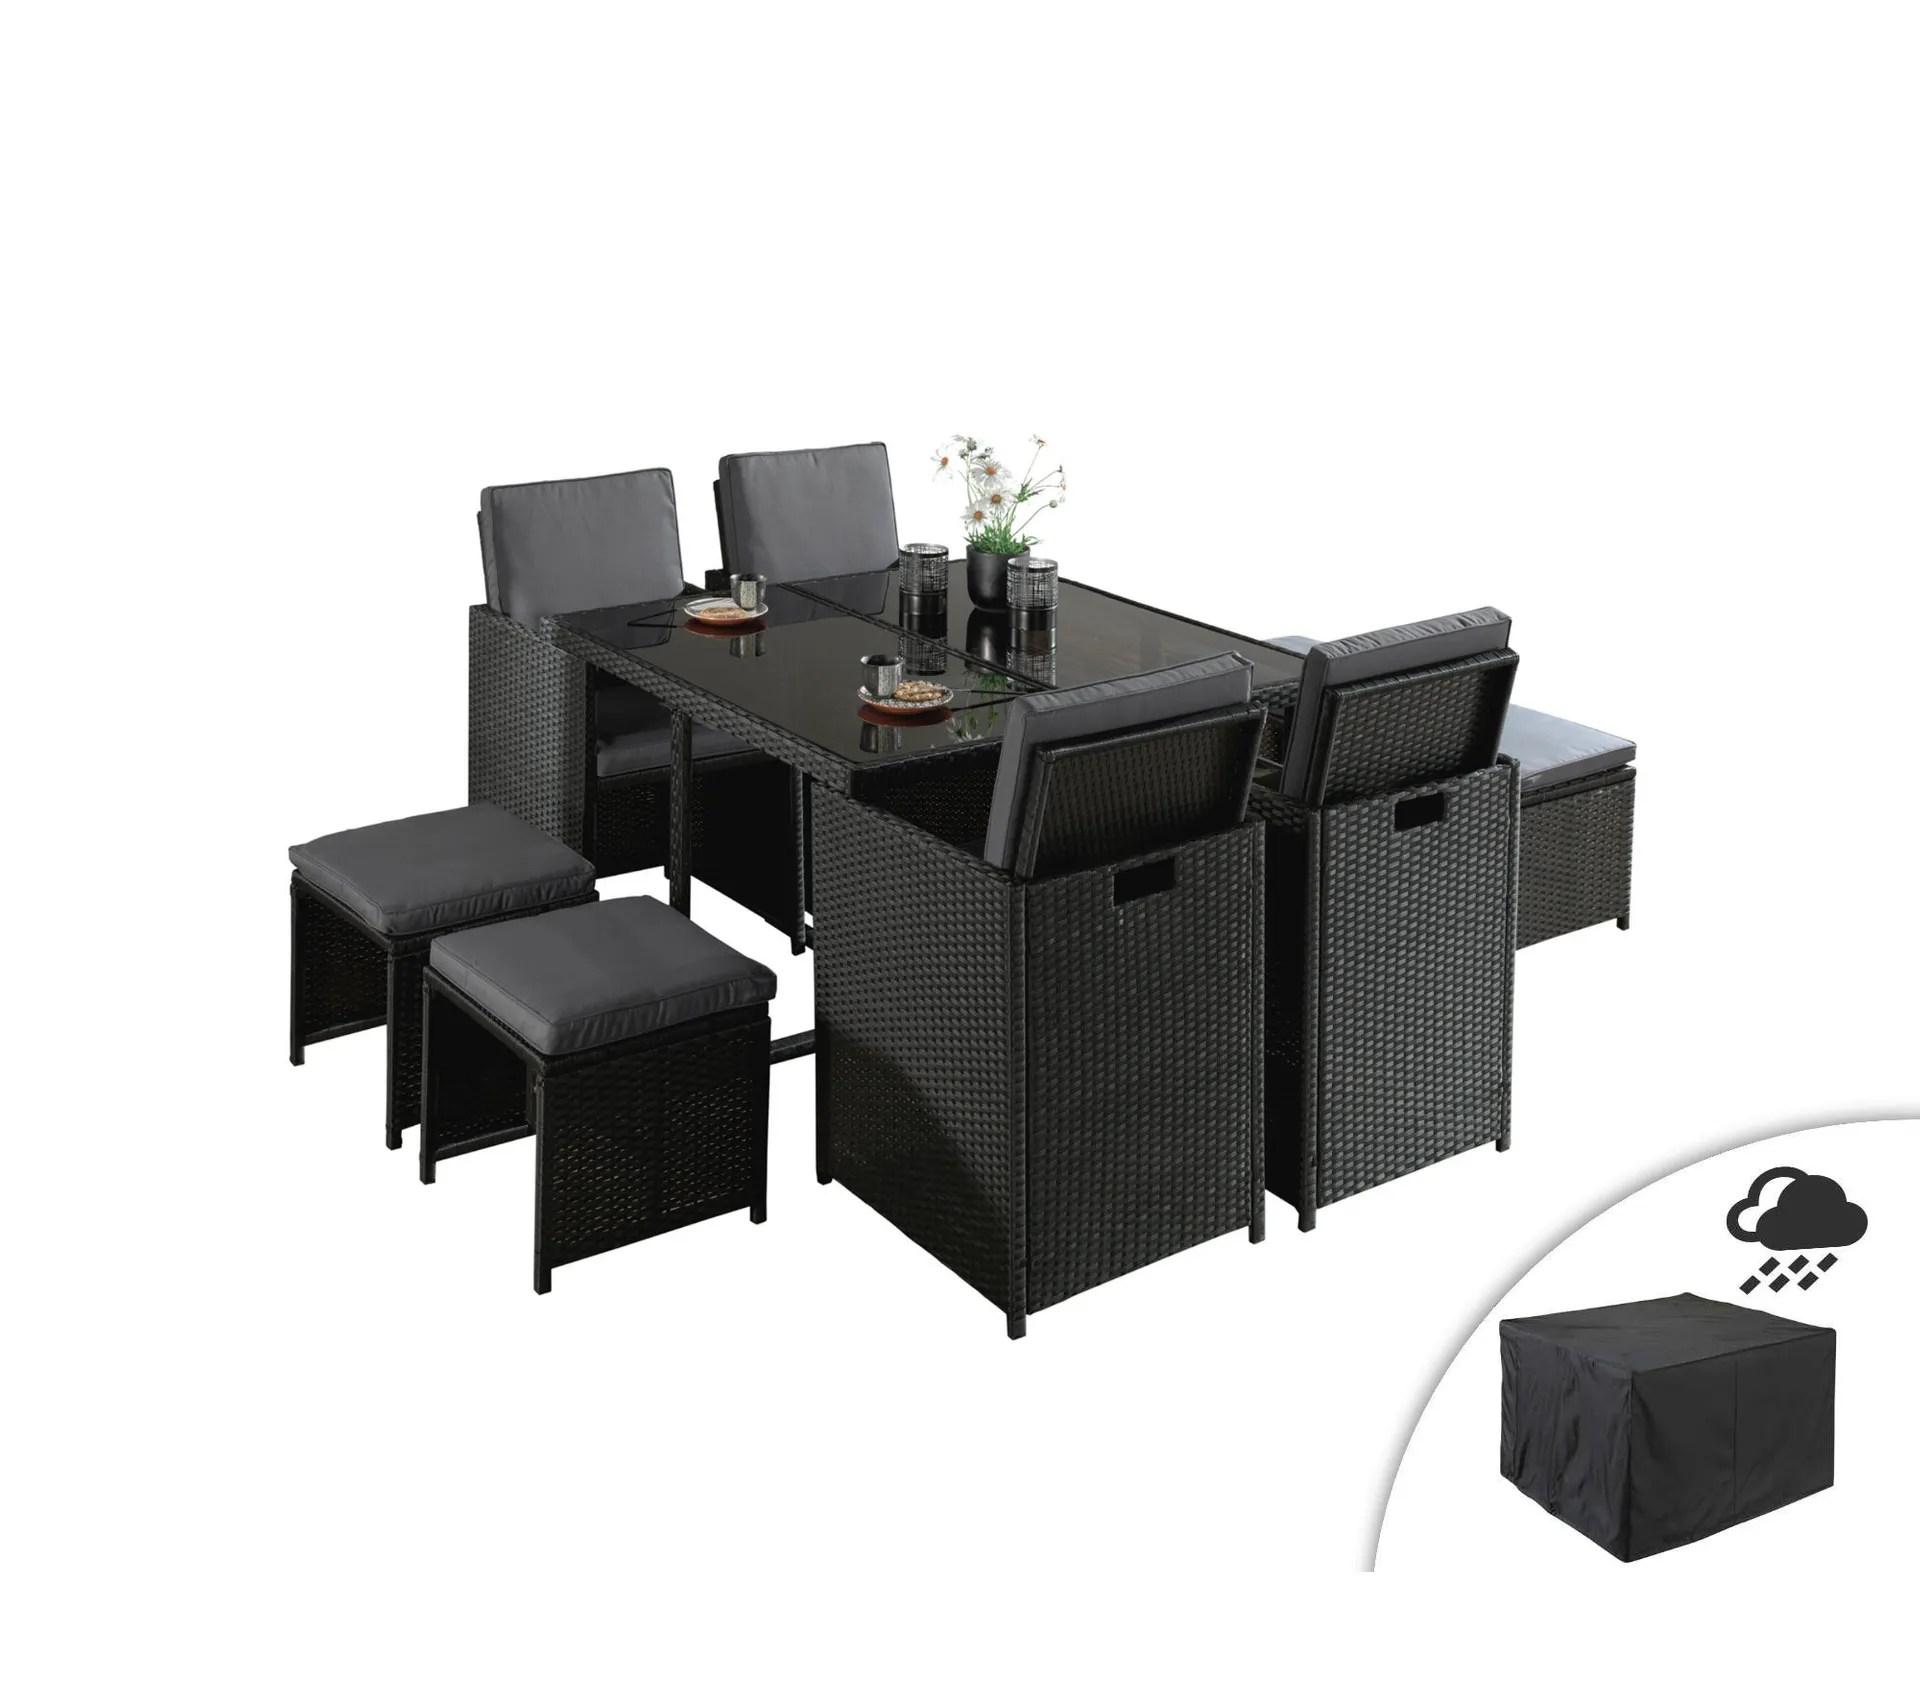 sophia salon de jardin encastrable 8 places en resine tressee noir avec coussins gris housse